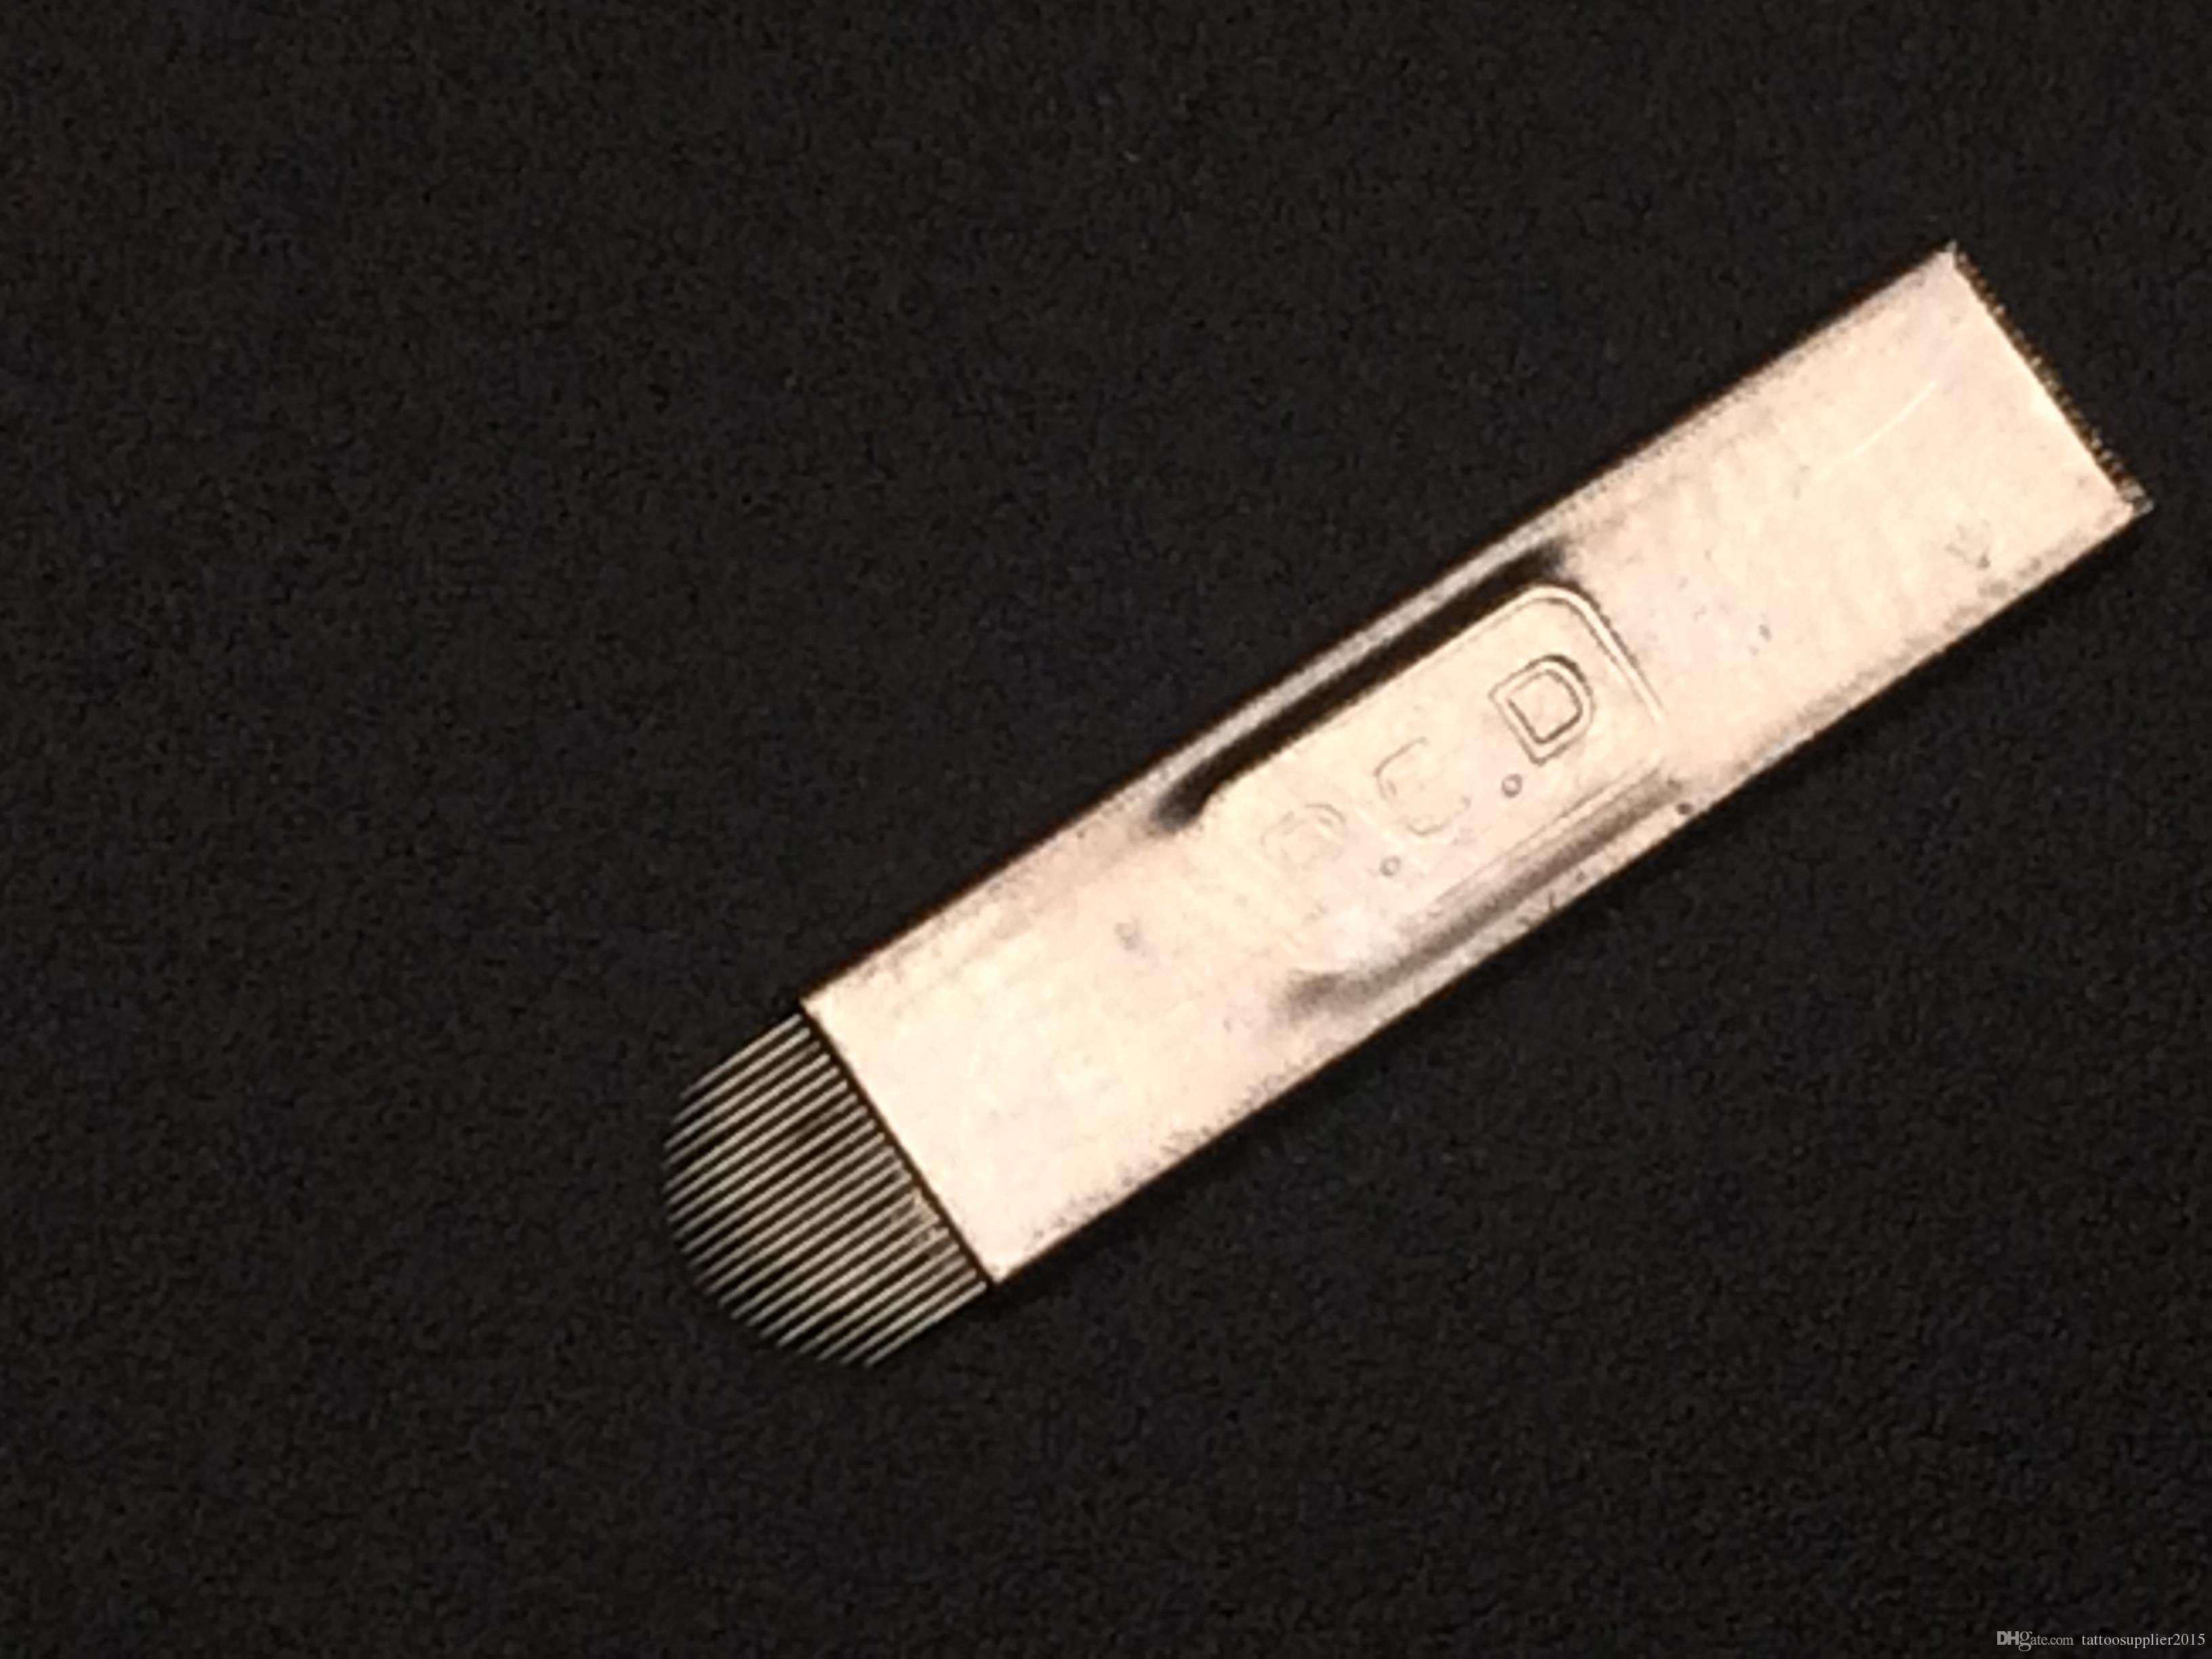 100PCS plus récent aiguilles 21PIN forme de U maquillage lame sourcils manuel permanent aiguilles de tatouage professionnel 3D main broderie Microblading